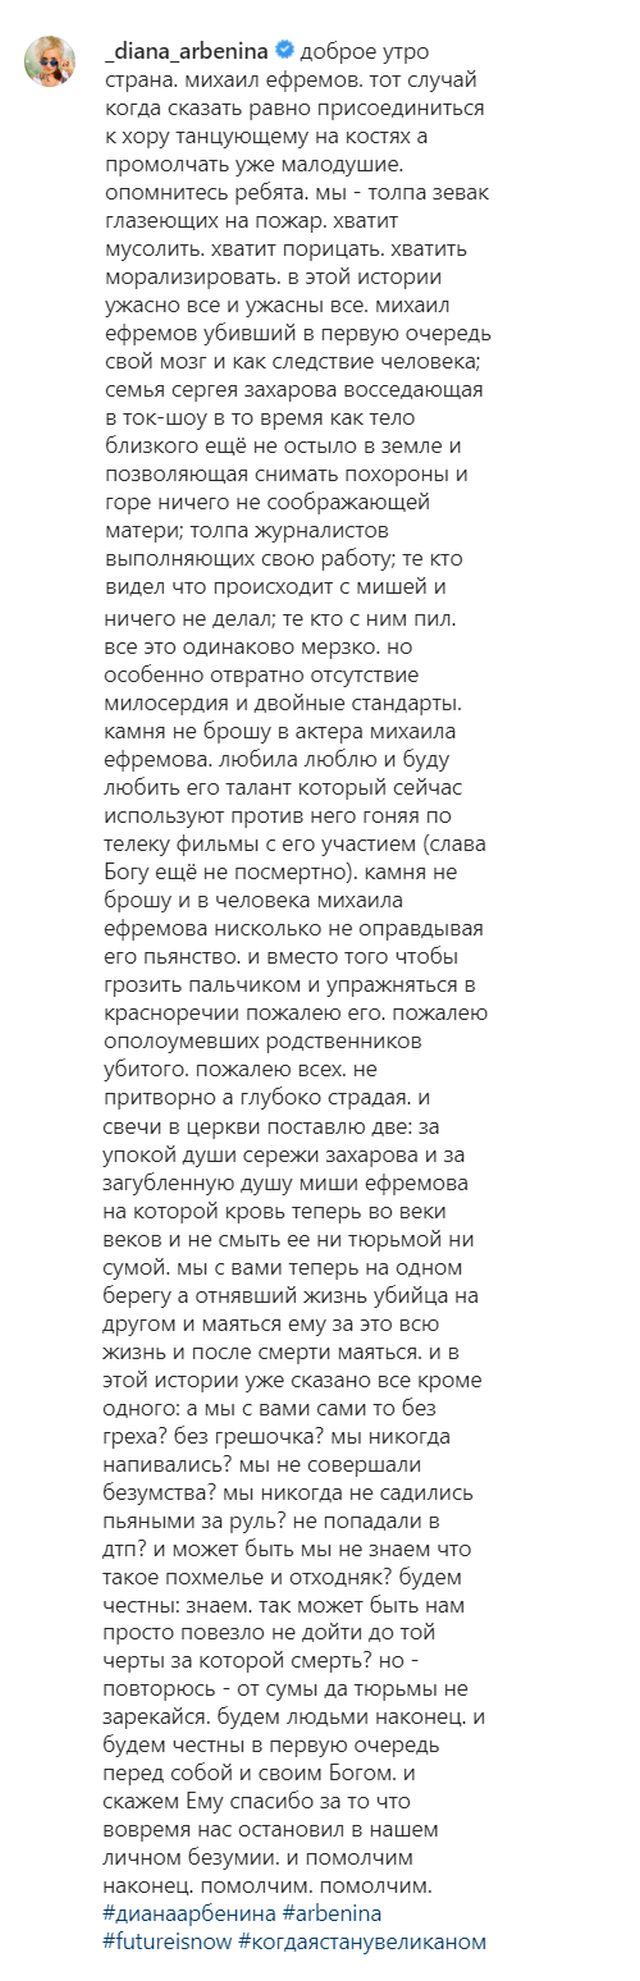 Пост Дианы Арбениной